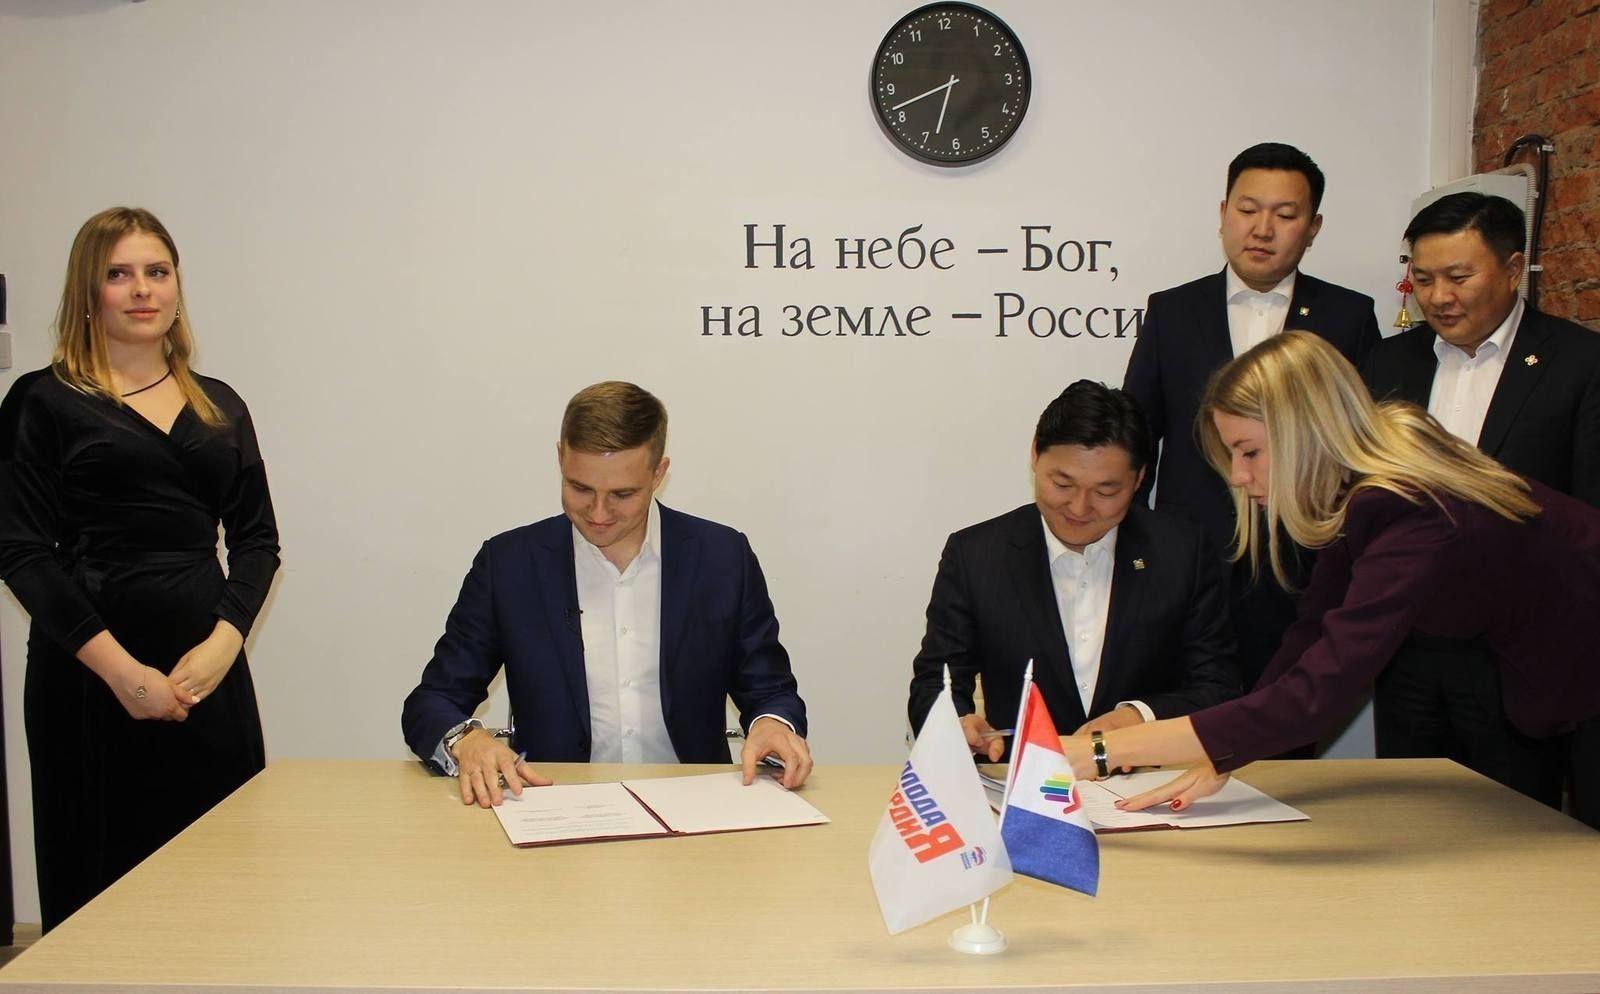 Монгол, Оросын залуу бизнес эрхлэгчдийн уулзалтыг жил бүр зохион байгуулна